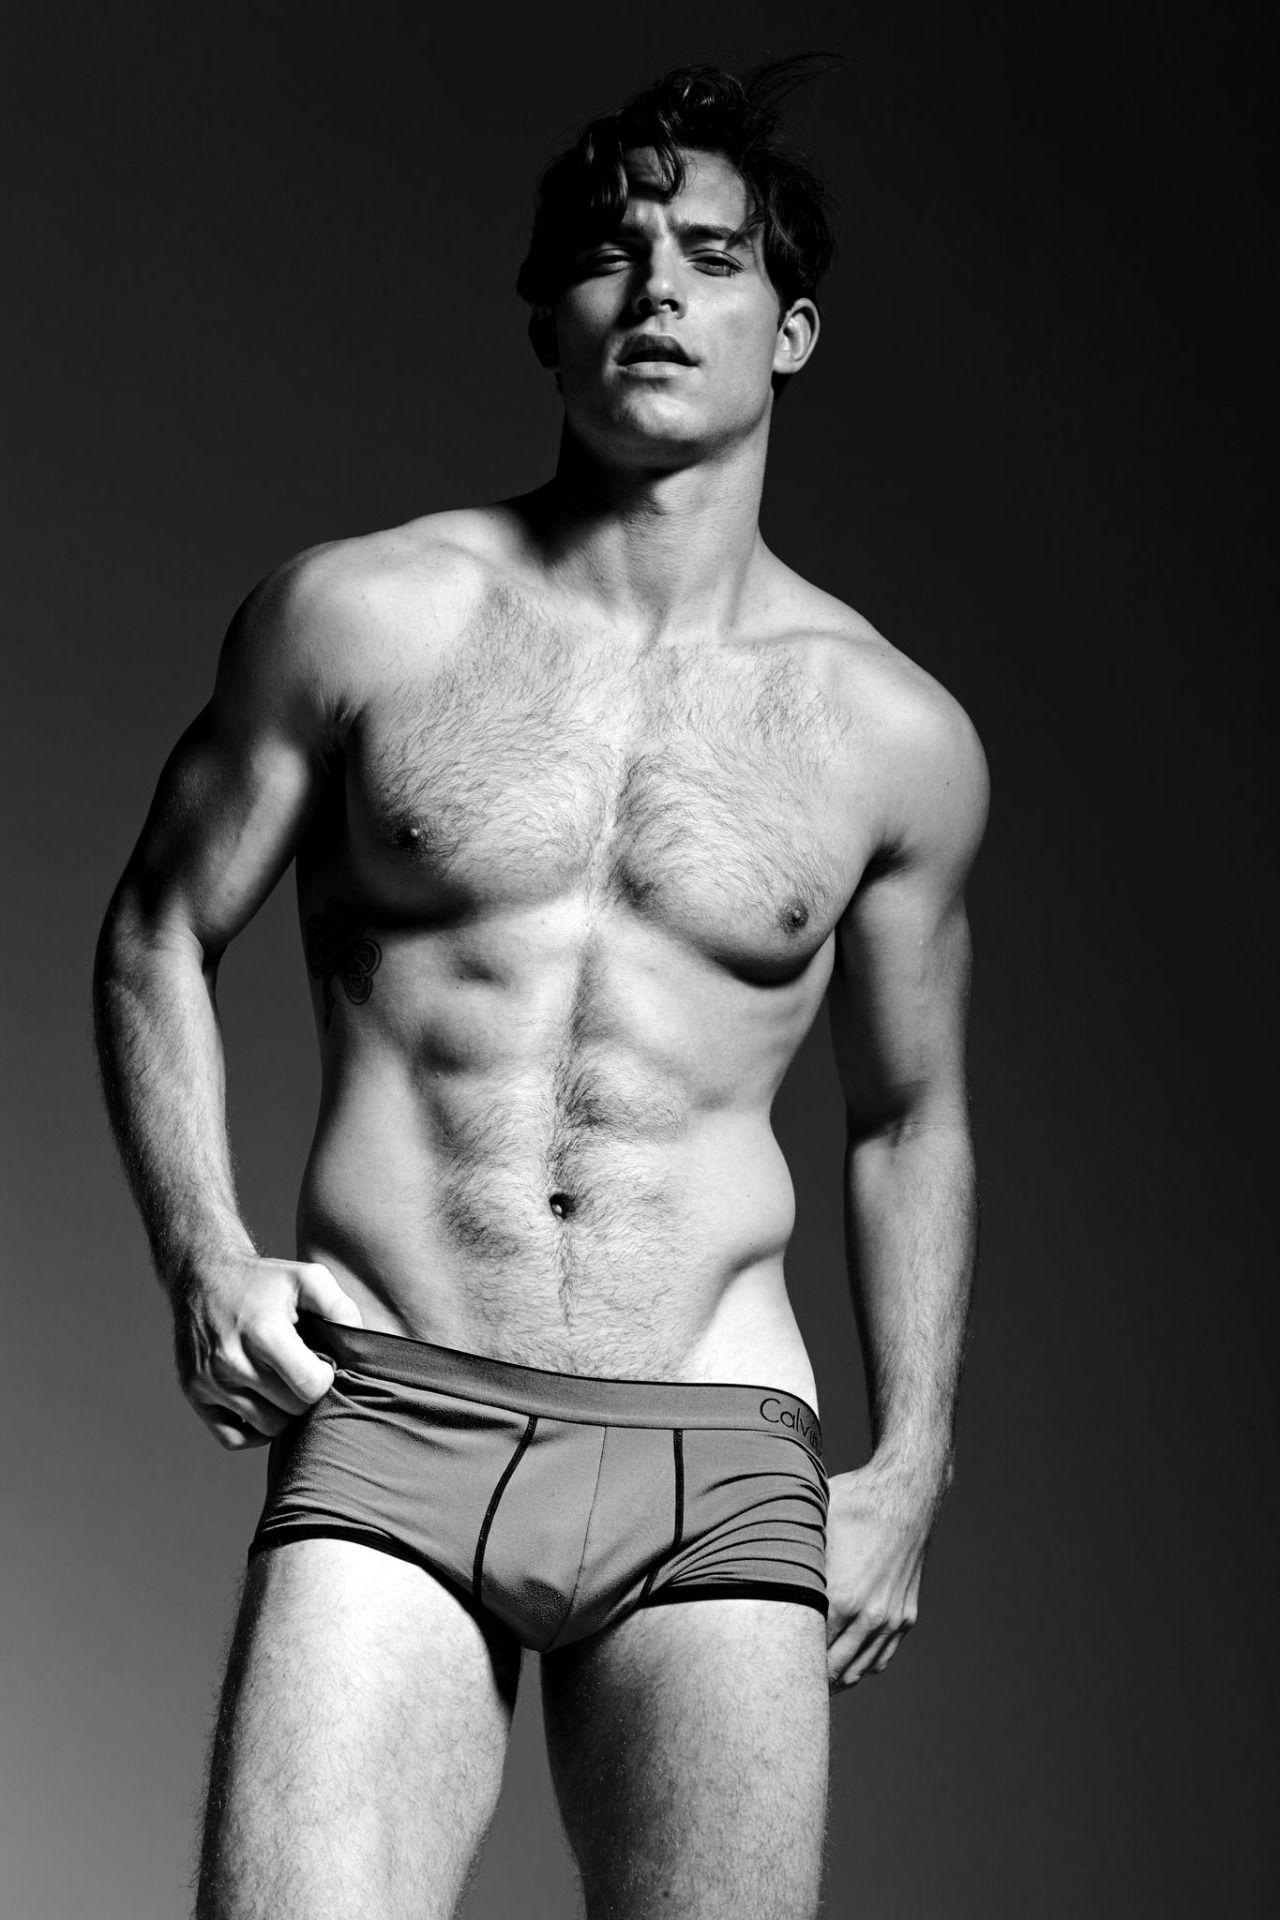 Hot nude bods